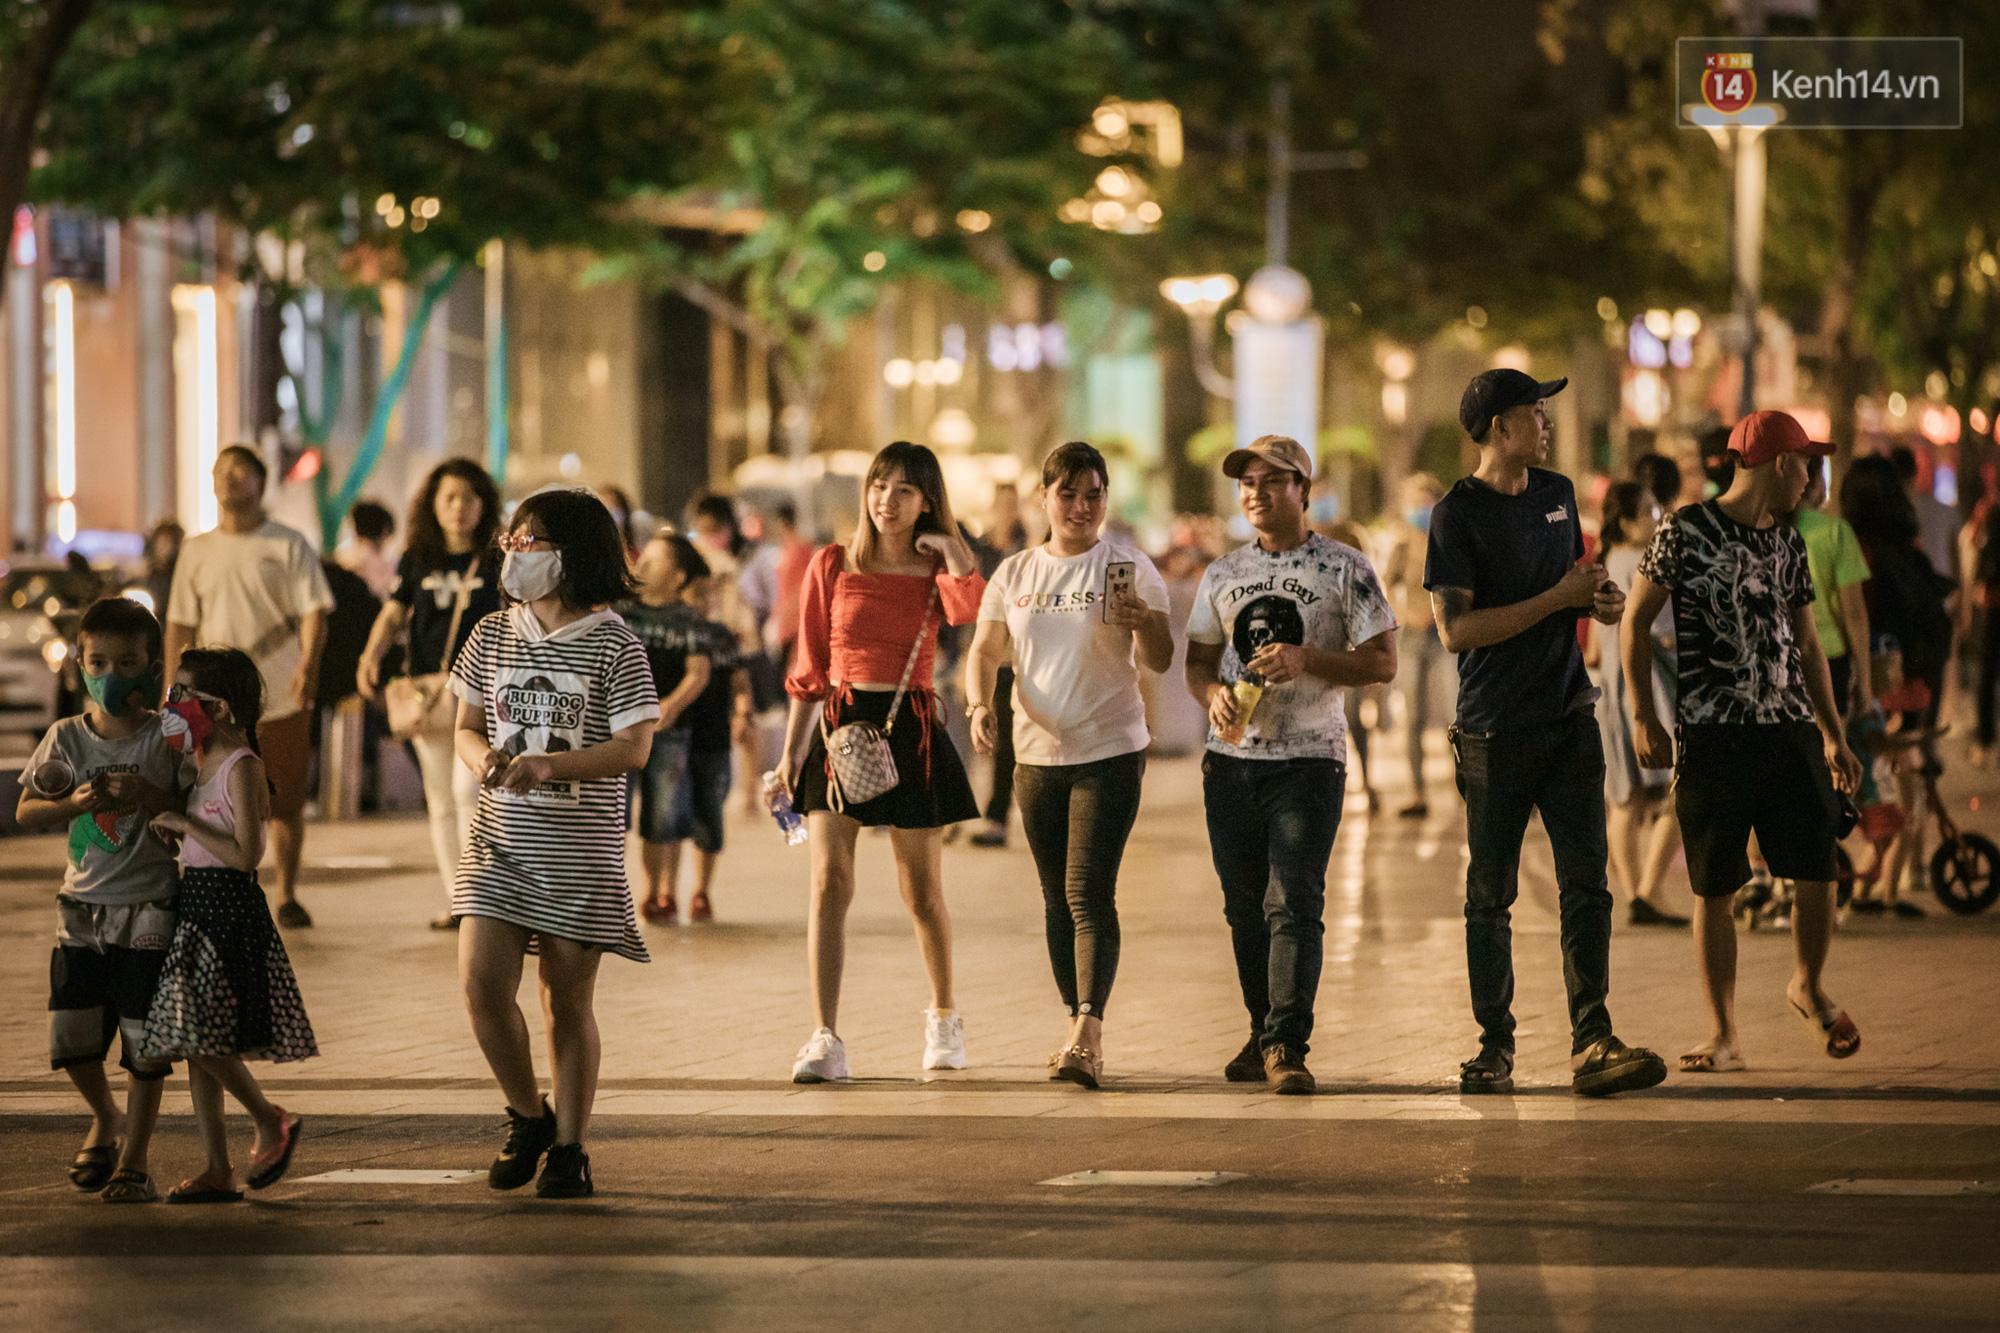 Sài Gòn nhộn nhịp trong buổi tối nghỉ lễ đầu tiên: Khu vực trung tâm dần trở nên đông đúc, nhiều người lo sợ vẫn 'kè kè' chiếc khẩu trang bên mình Ảnh 4